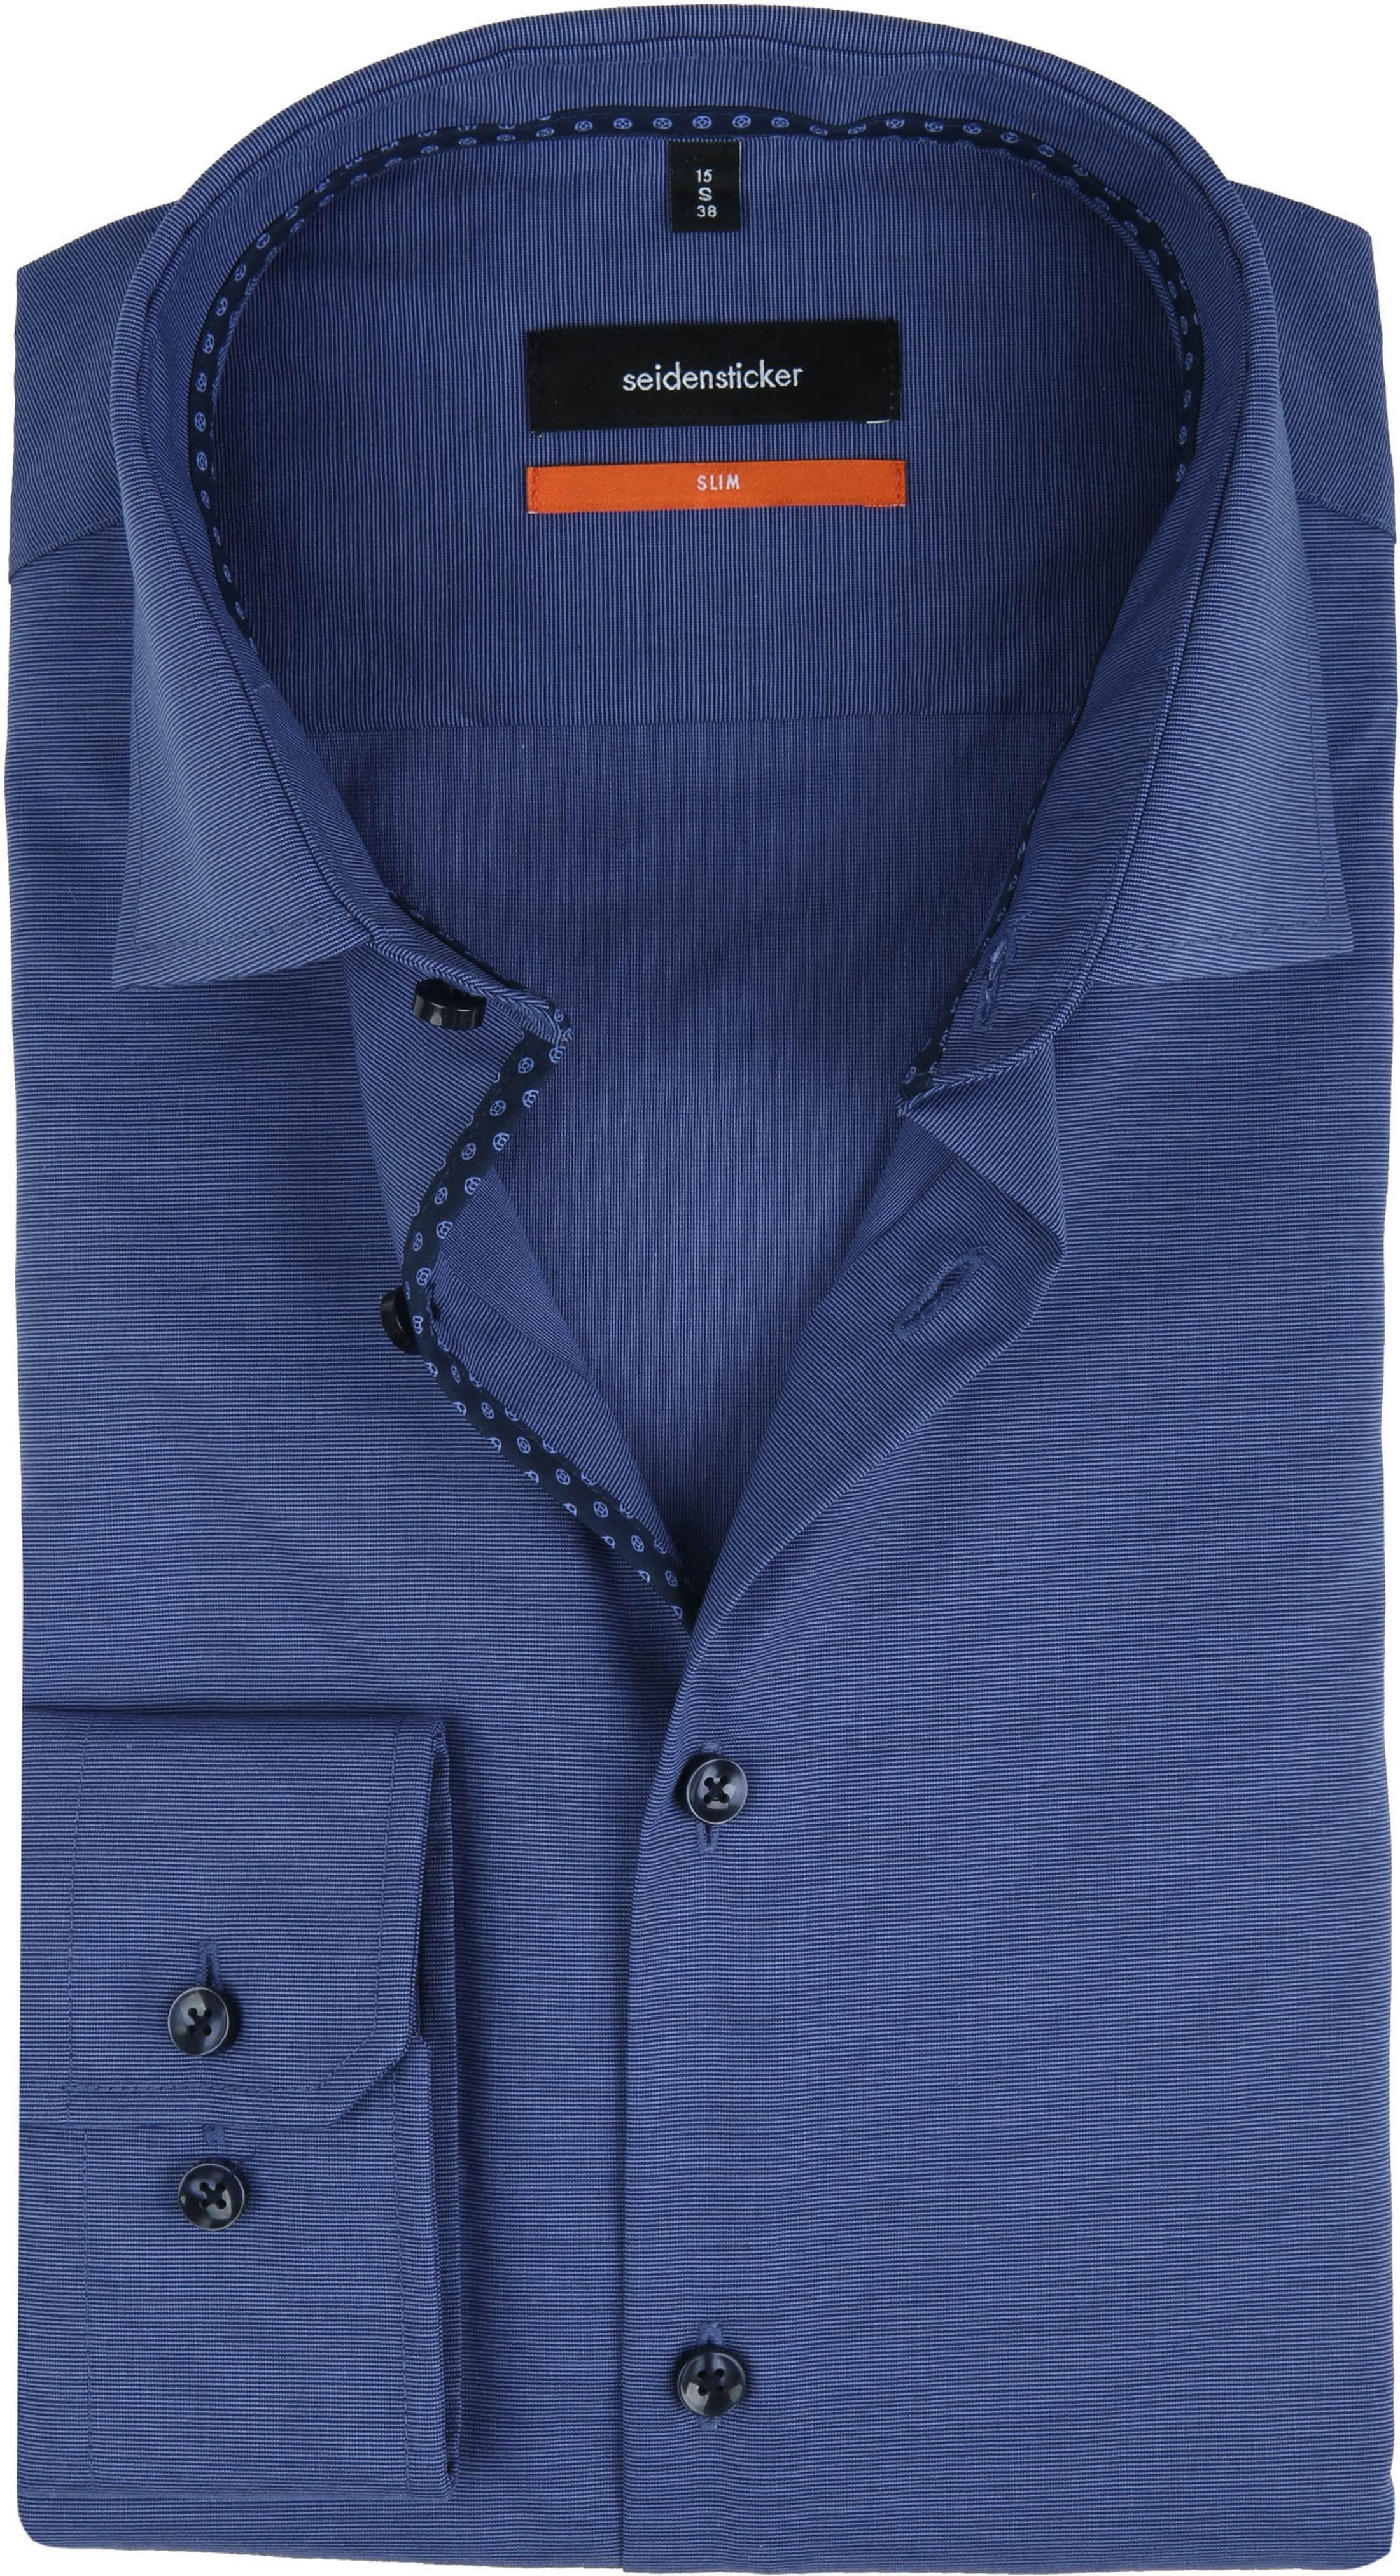 Seidensticker Overhemd Slim-Fit Navy foto 0